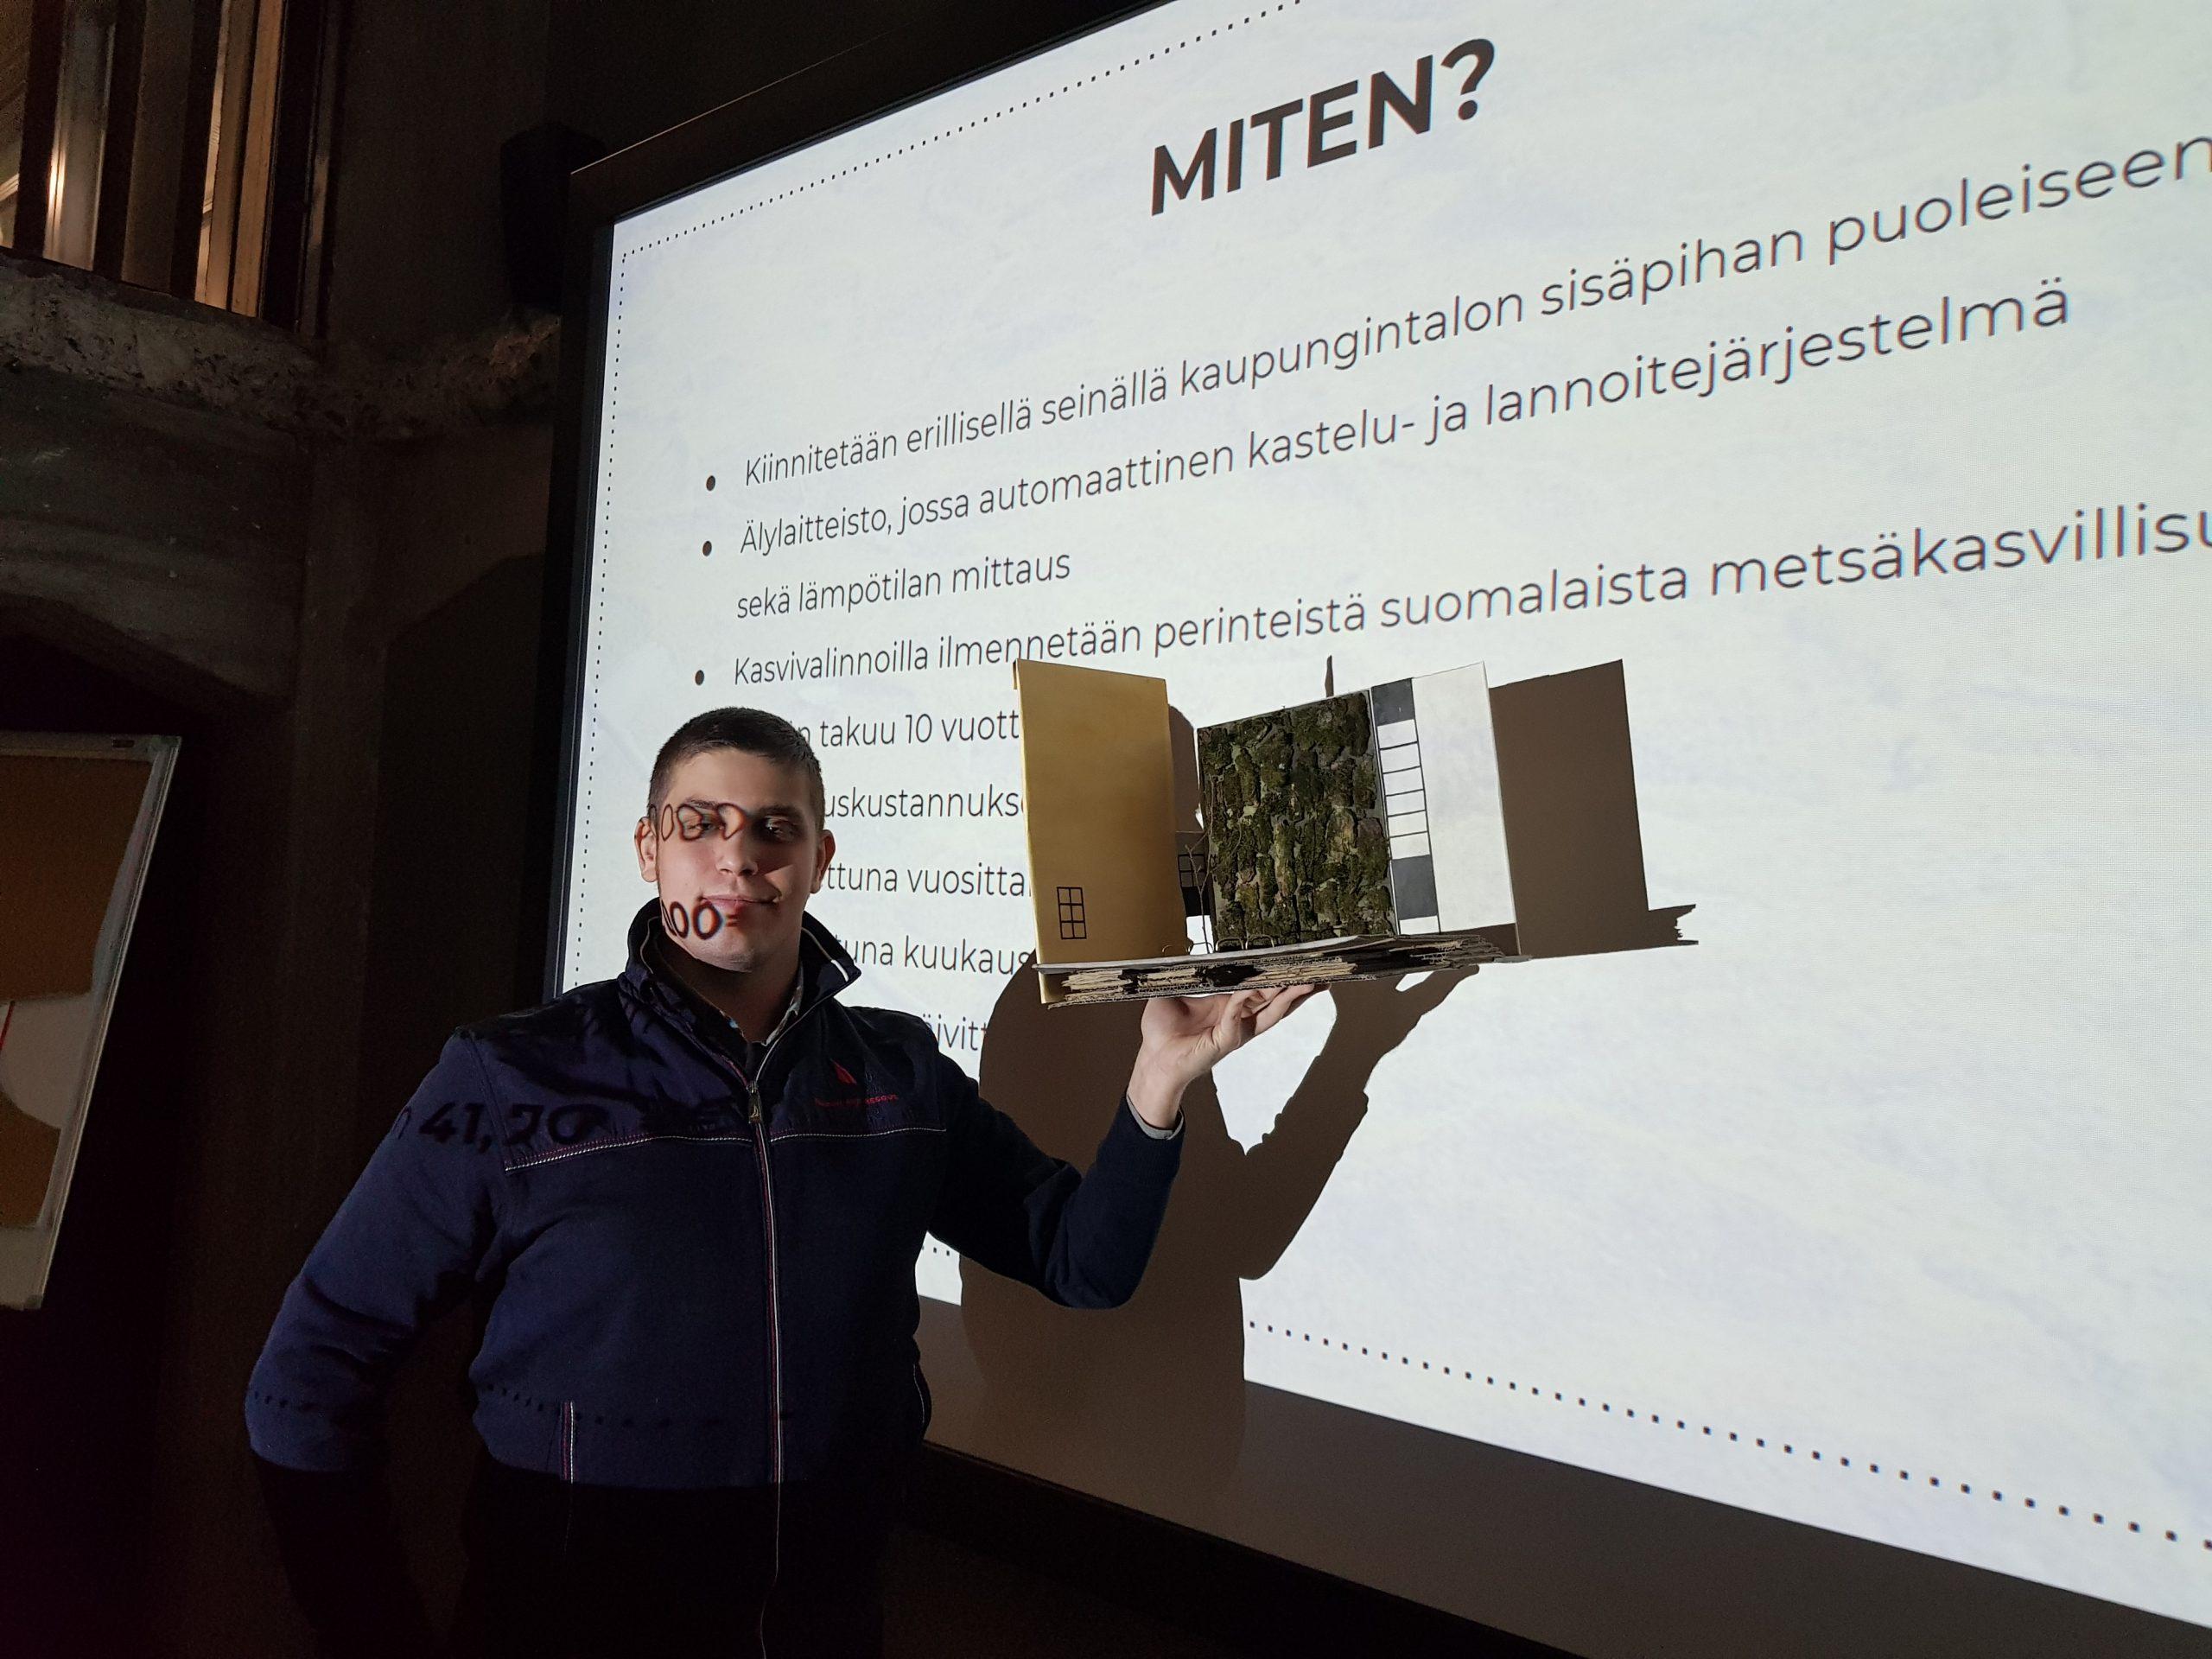 Kuvassa nuori mies esittelee pahvista tilarakennelman prototyyppiä valkokankaan edessä.